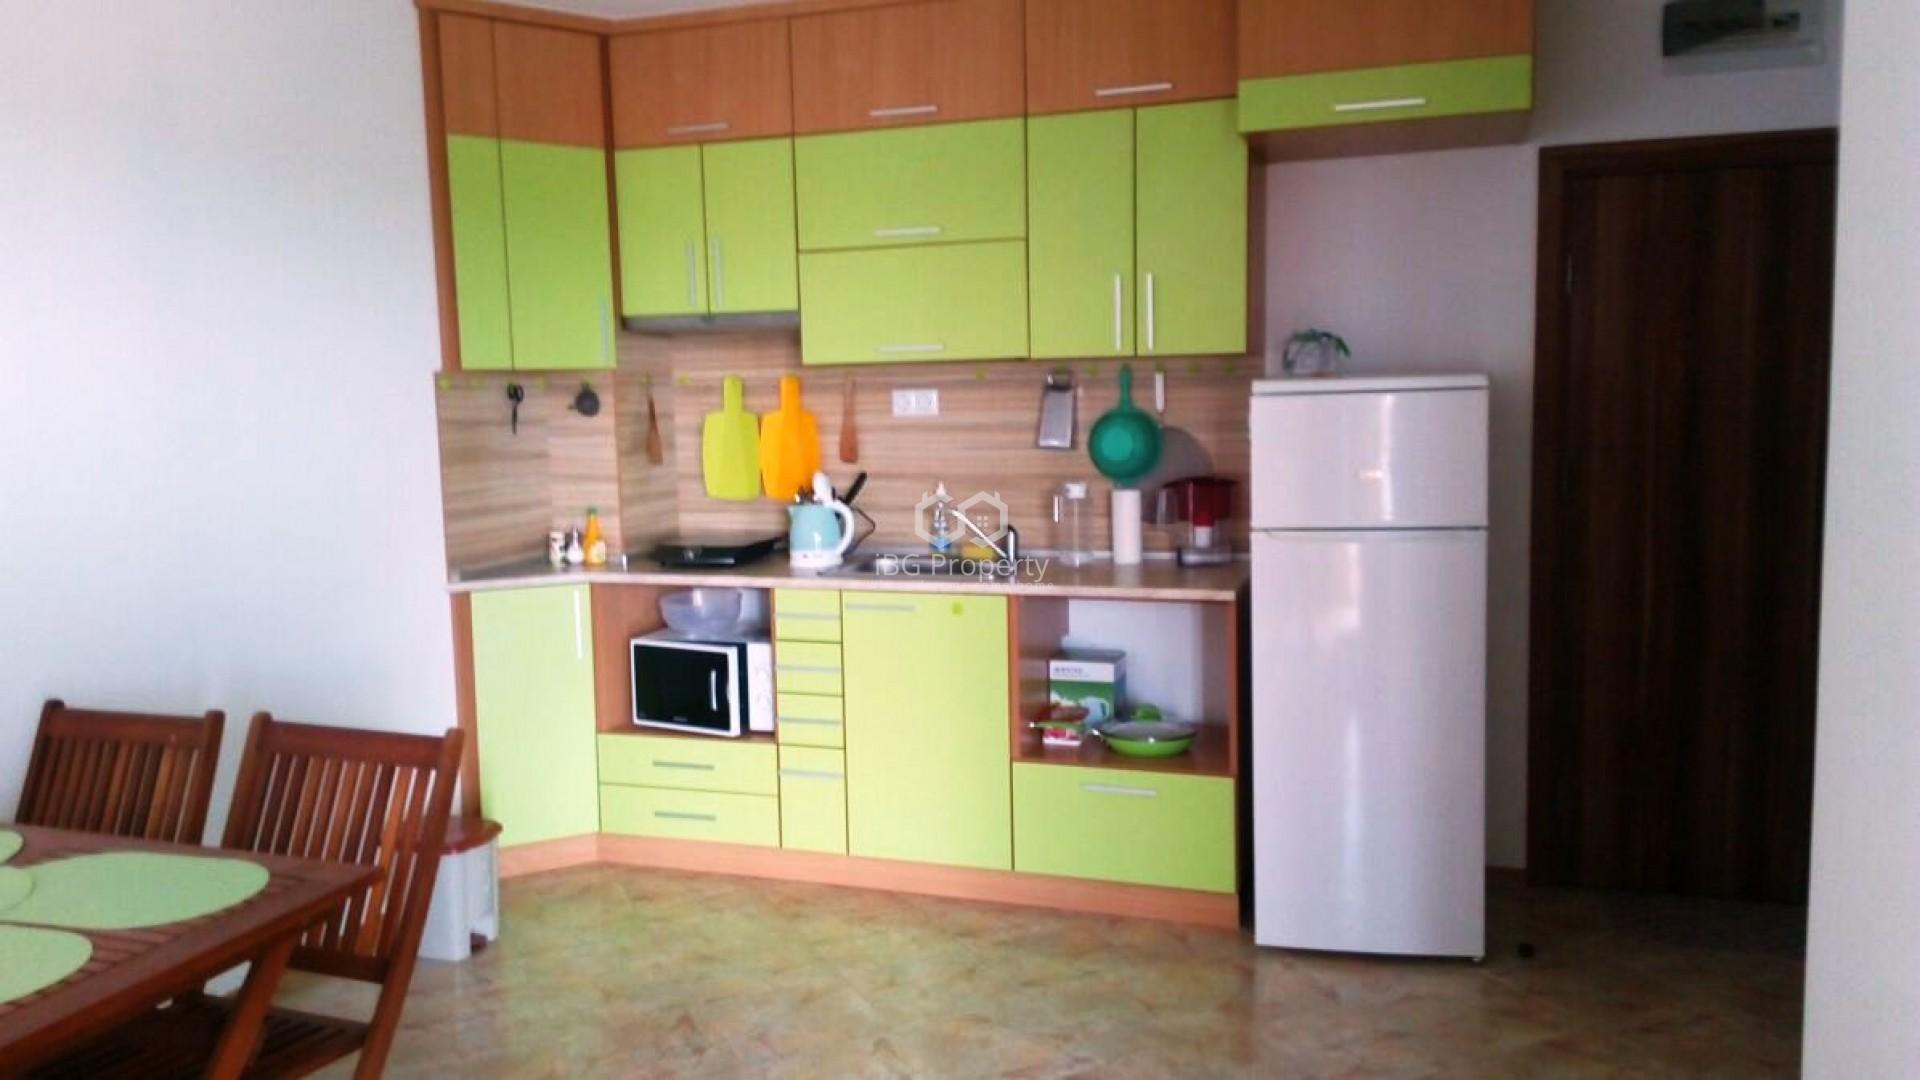 Двухкомнатная квартира Бяла 56 m2